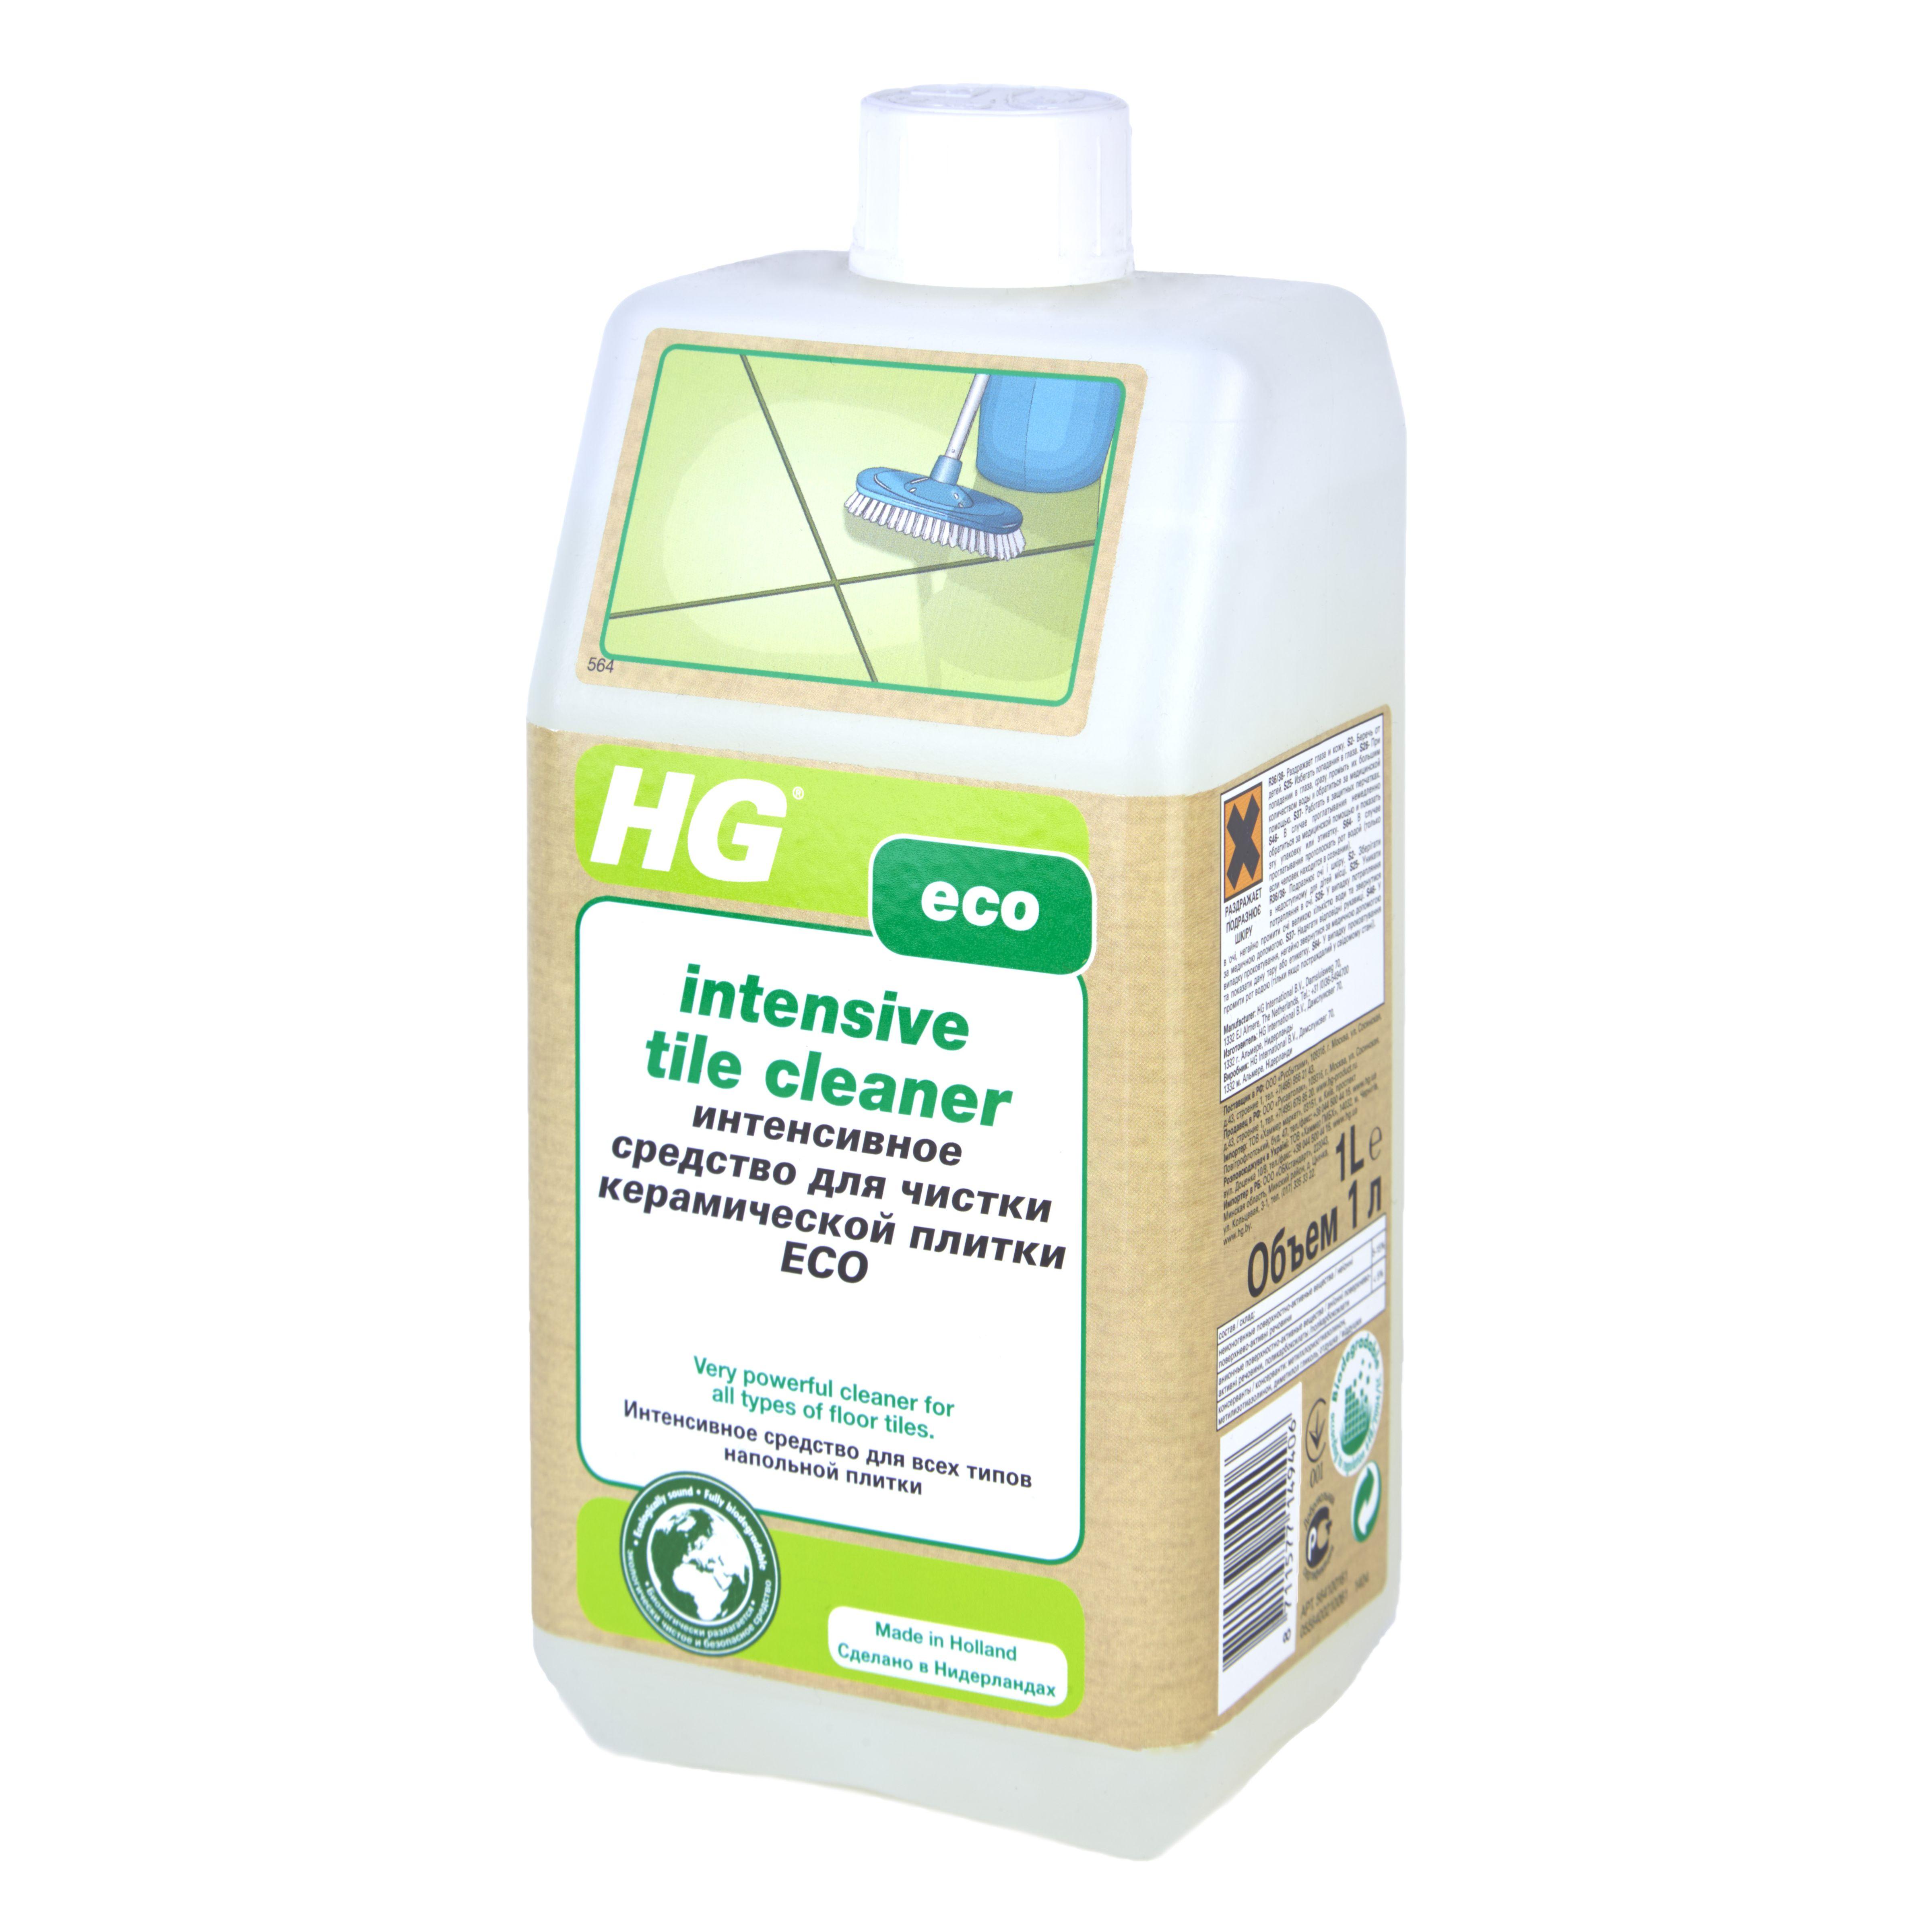 Интенсивное средство для чистки керамической плитки ЭКОСредство разработано для очистки любых загрязнений керамической напольной плитки как глянцевой, так и матовой. Также подходит для очистки декоративной напольной плитки.<br>